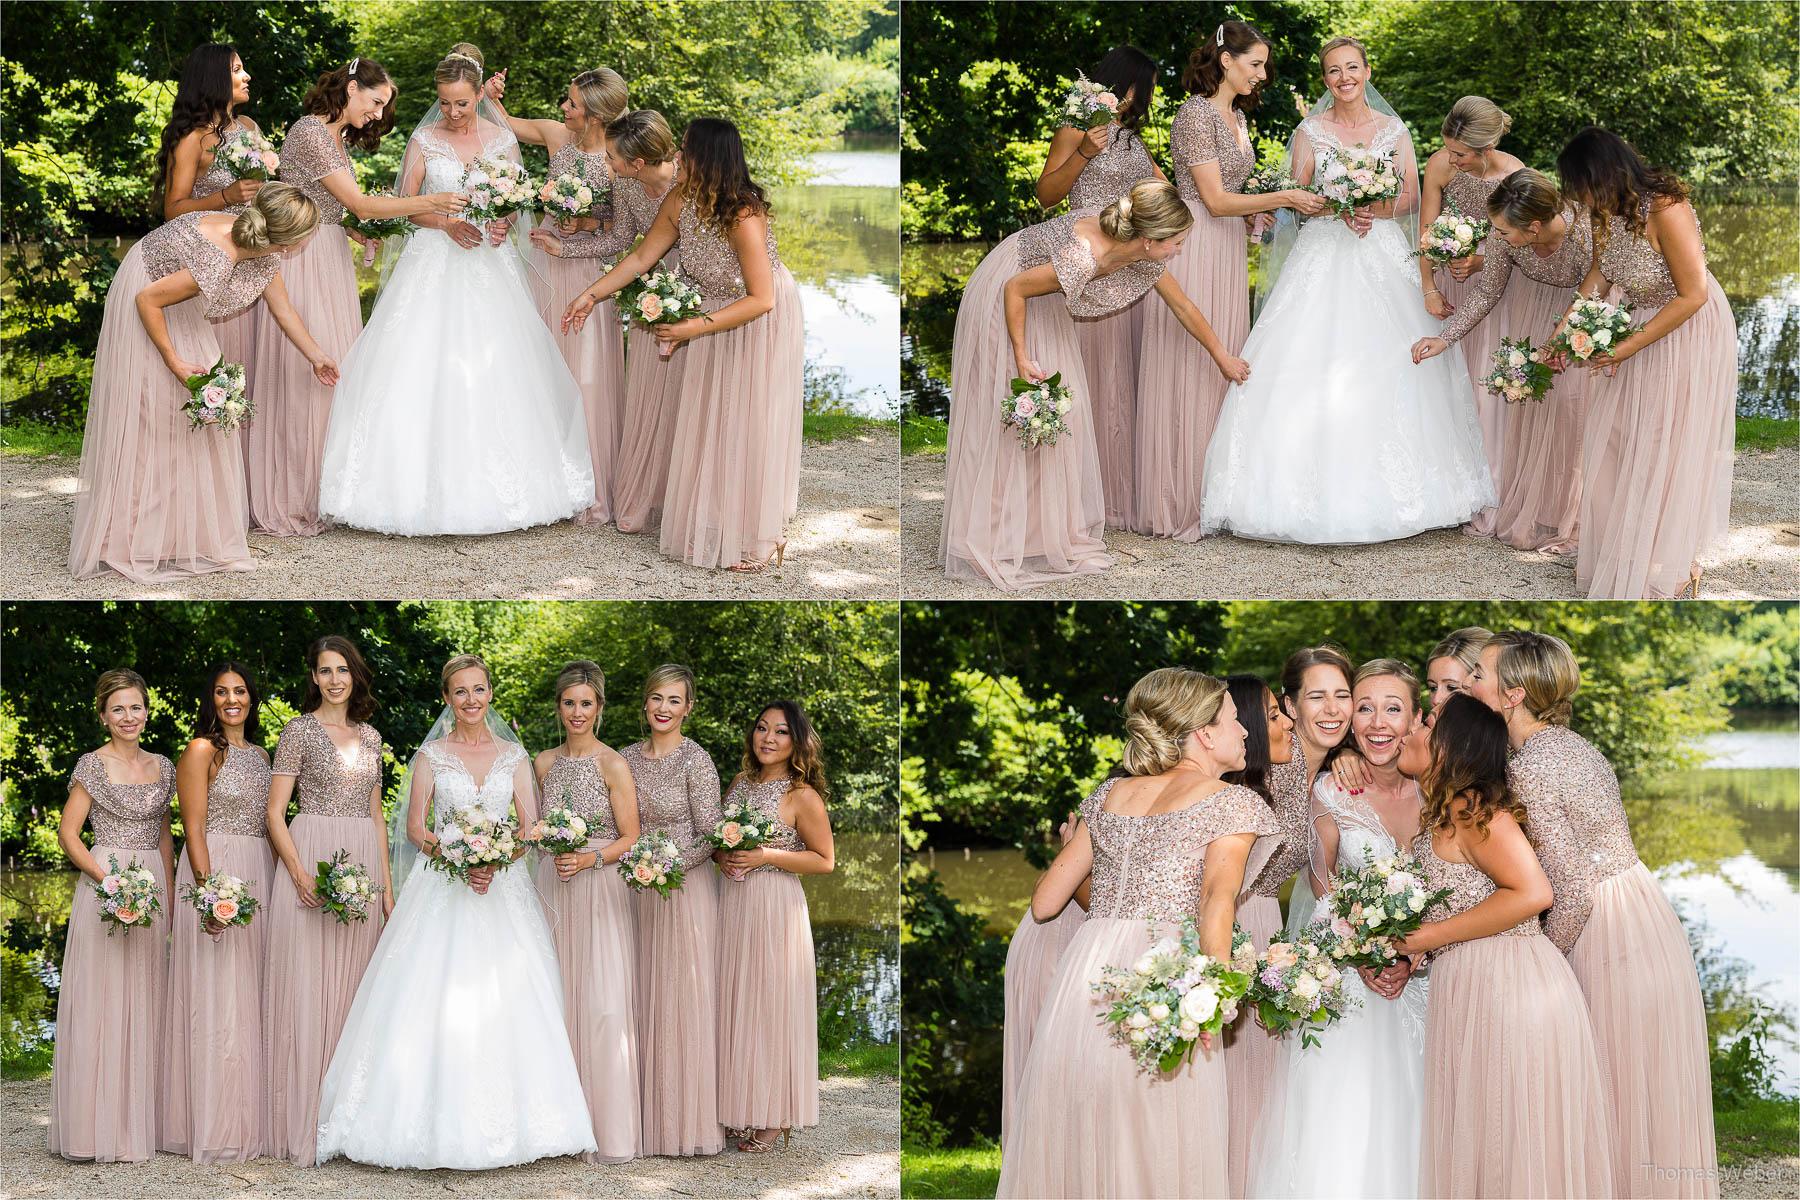 Fotos mit den Trauzeugen und Freunden, Kirchliche Hochzeit in Rastede und Hochzeitsfeier in der Scheune St. Georg Rastede, Hochzeitsfotograf Thomas Weber aus Oldenburg